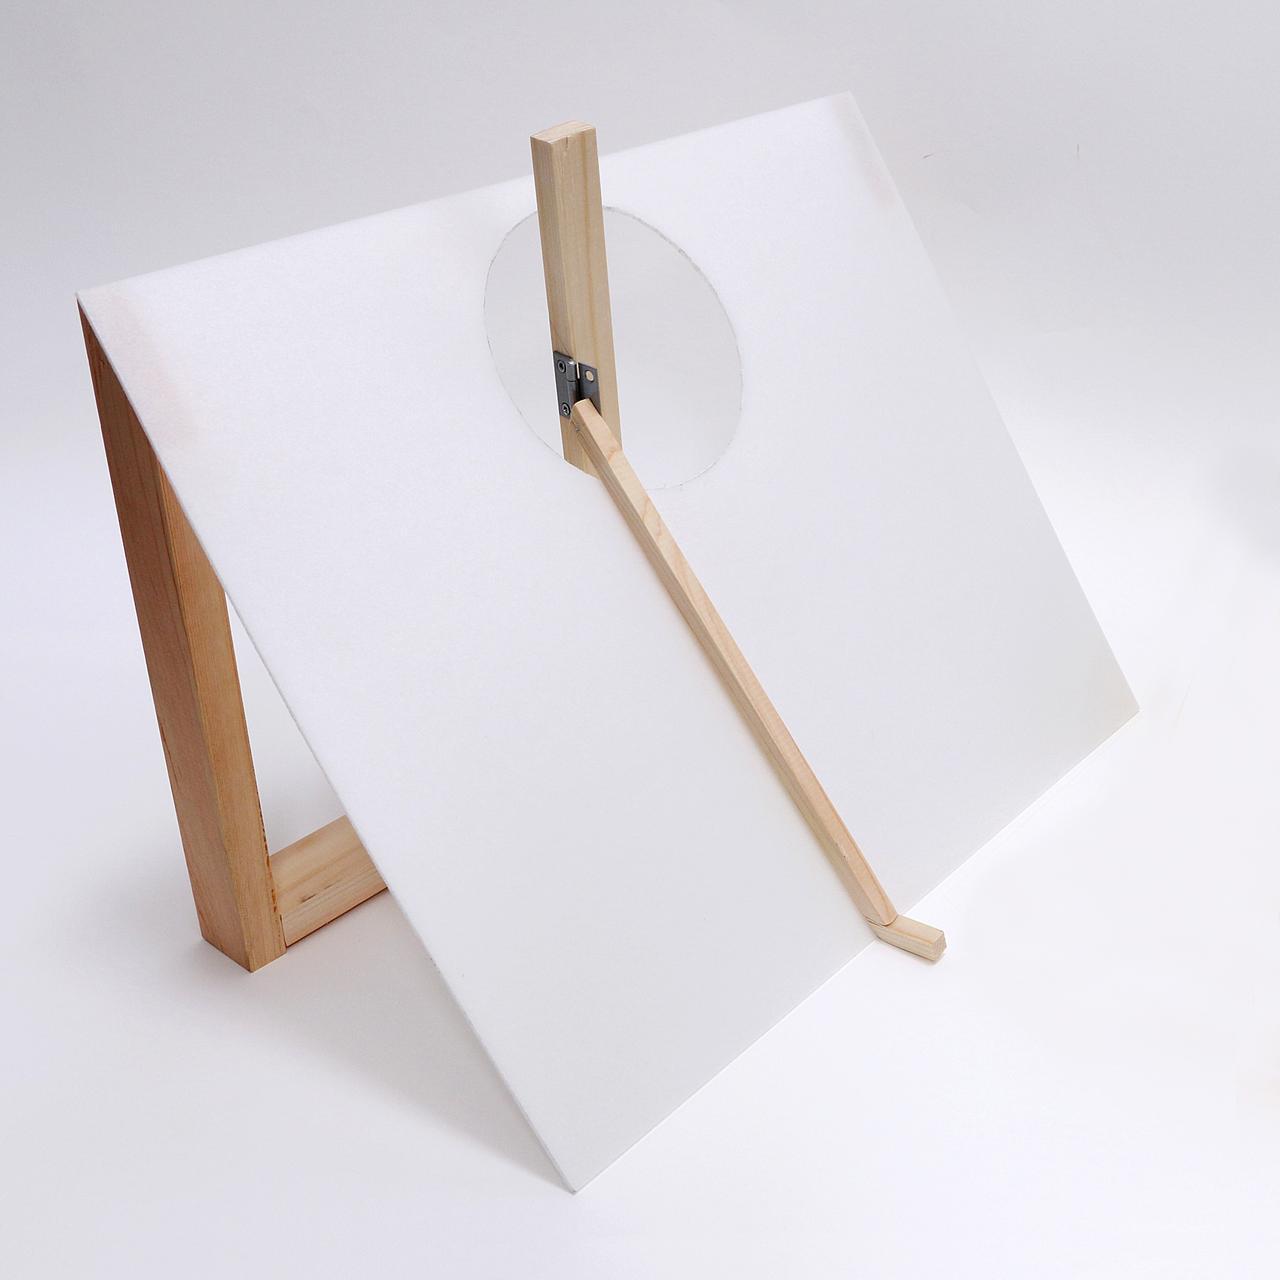 画像: 週刊GD編集部が再現したゴルフィングマシーンの概念模型。回転の軸となる部分に装着された水平方向と上下方向に動く2つのヒンジが、腕(クラブ)をプレーン上に保つ